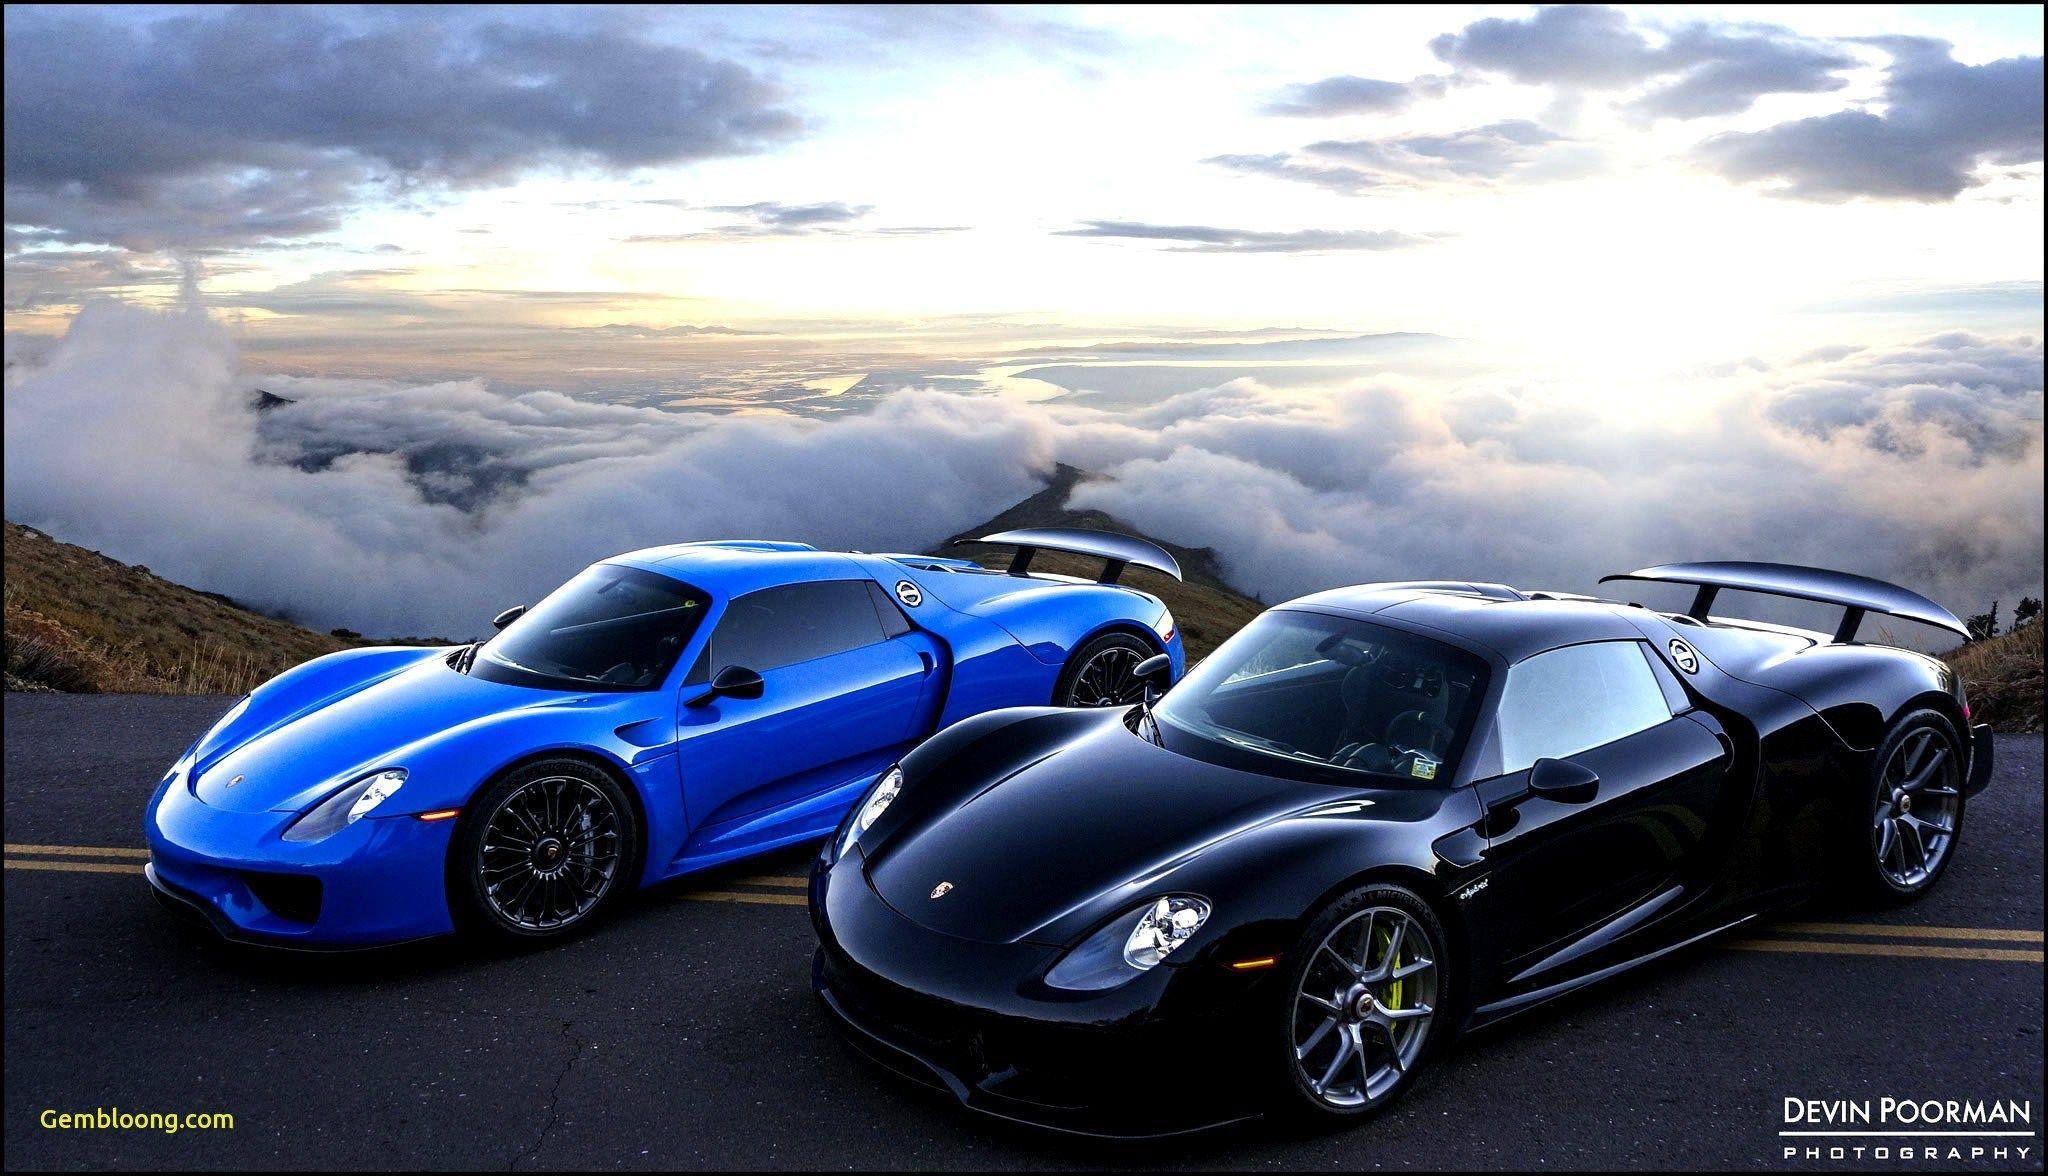 Blue Porsche 918 Spyder Wallpapers Top Free Blue Porsche 918 Spyder Backgrounds Wallpaperaccess